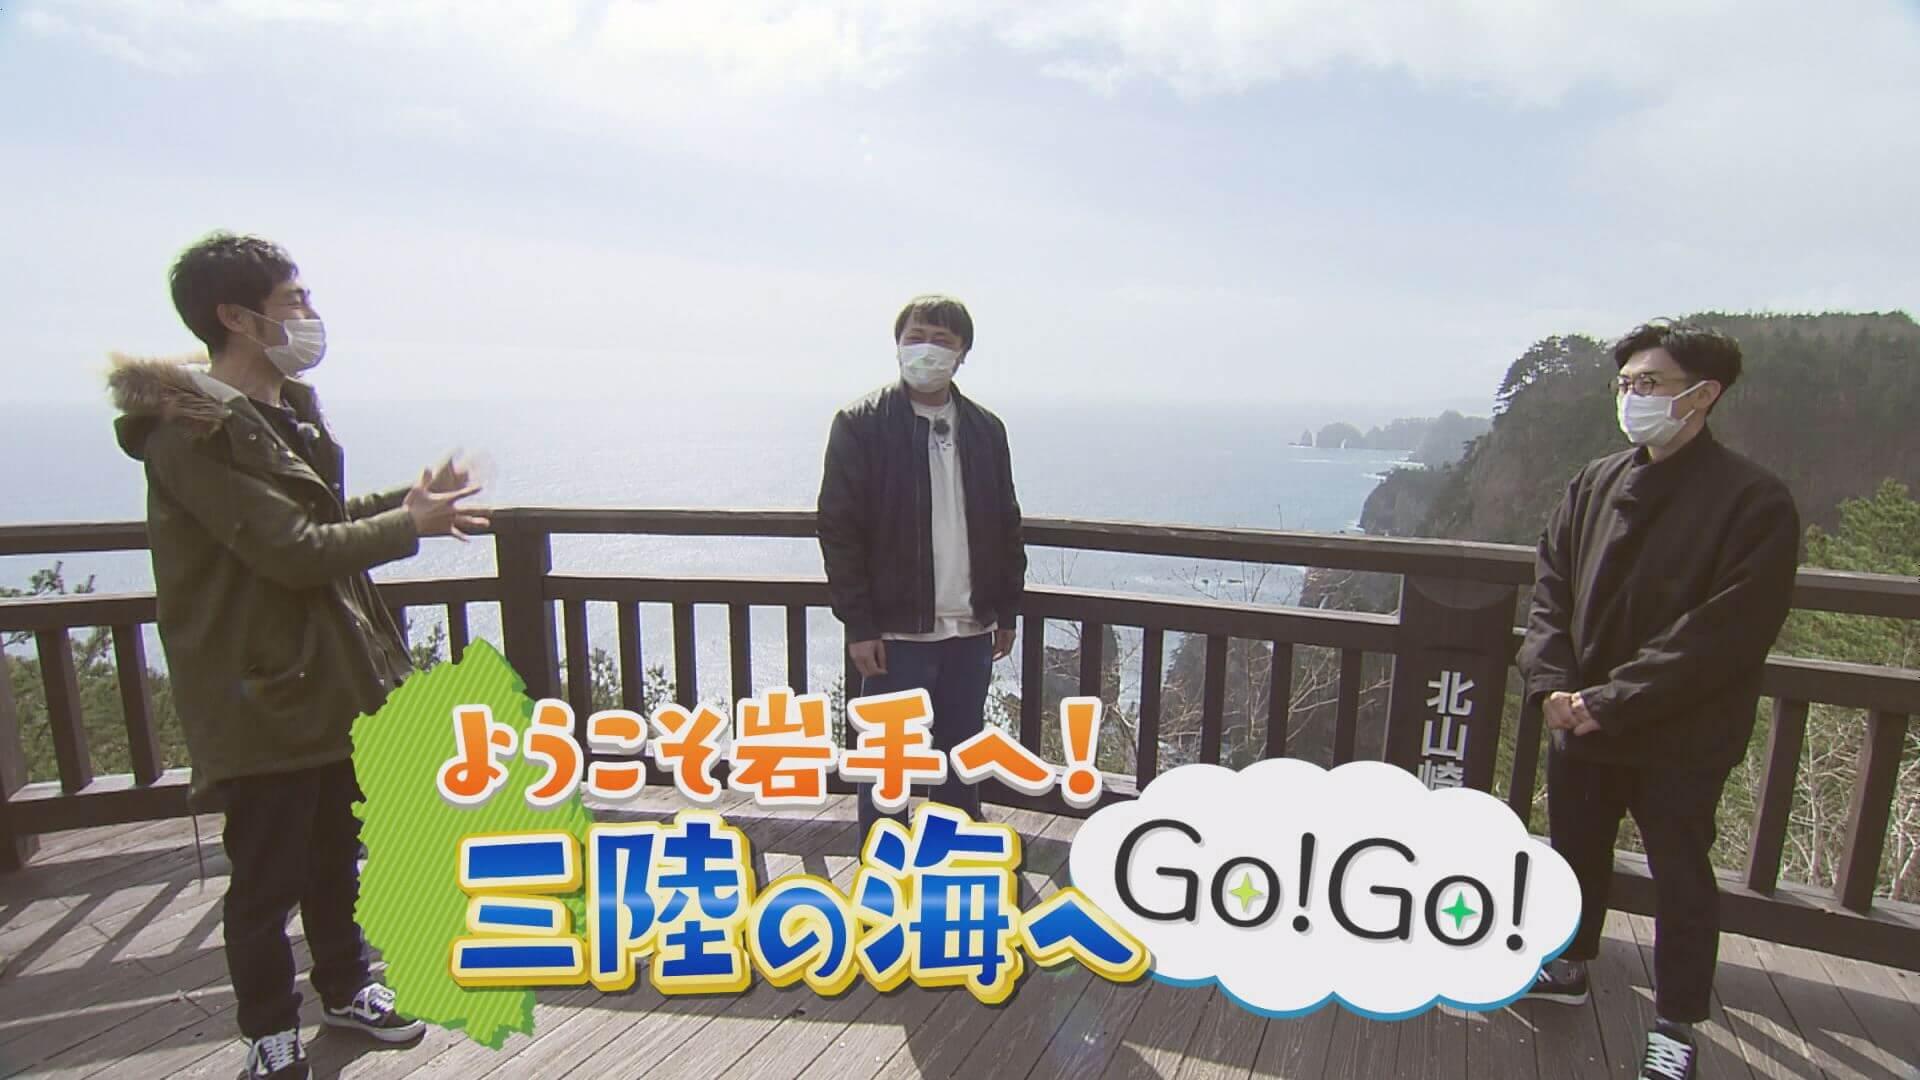 ようこそ岩手 三陸の海へGo!Go!